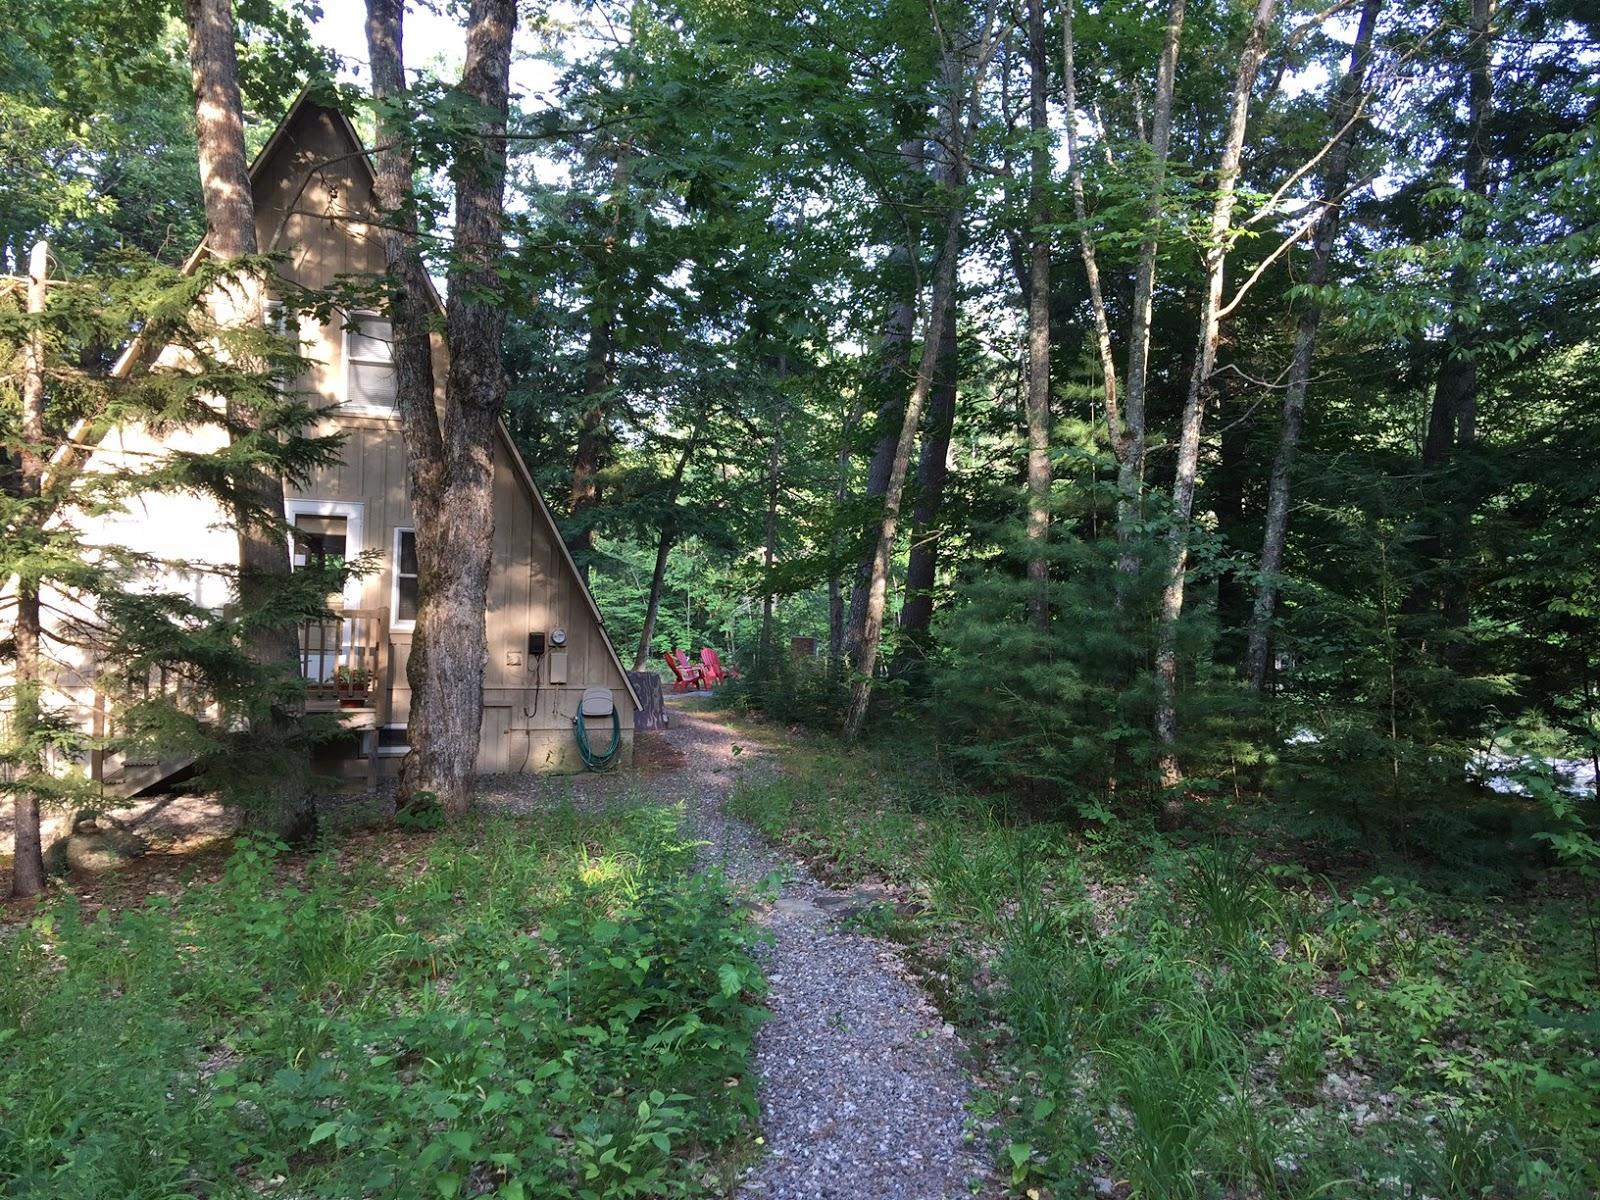 Chalet à louer pas cher au New Hampshire:  pour de vraies vacances